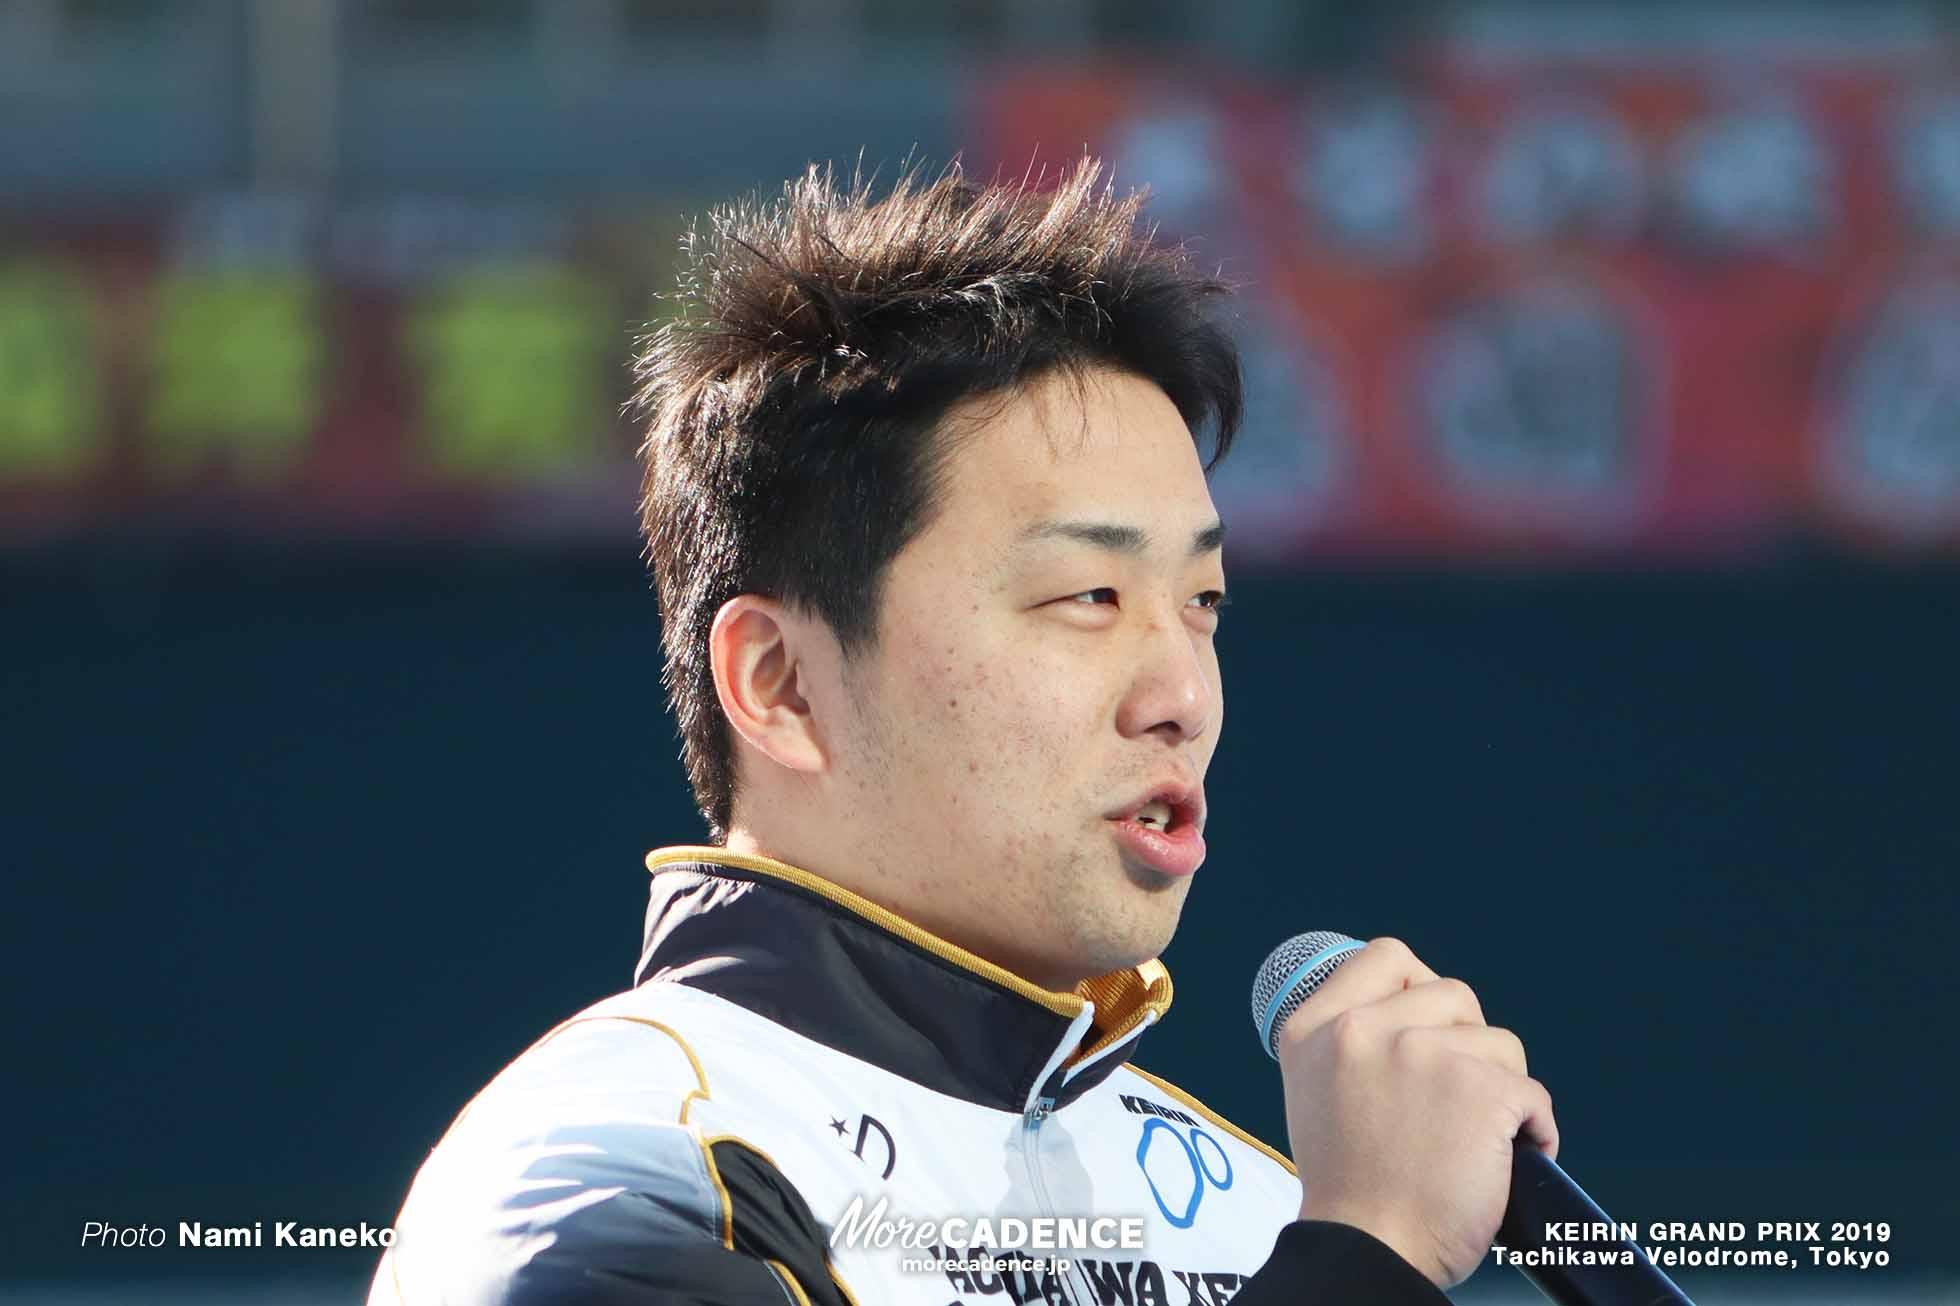 清水裕友 KEIRINグランプリ2019 開会式